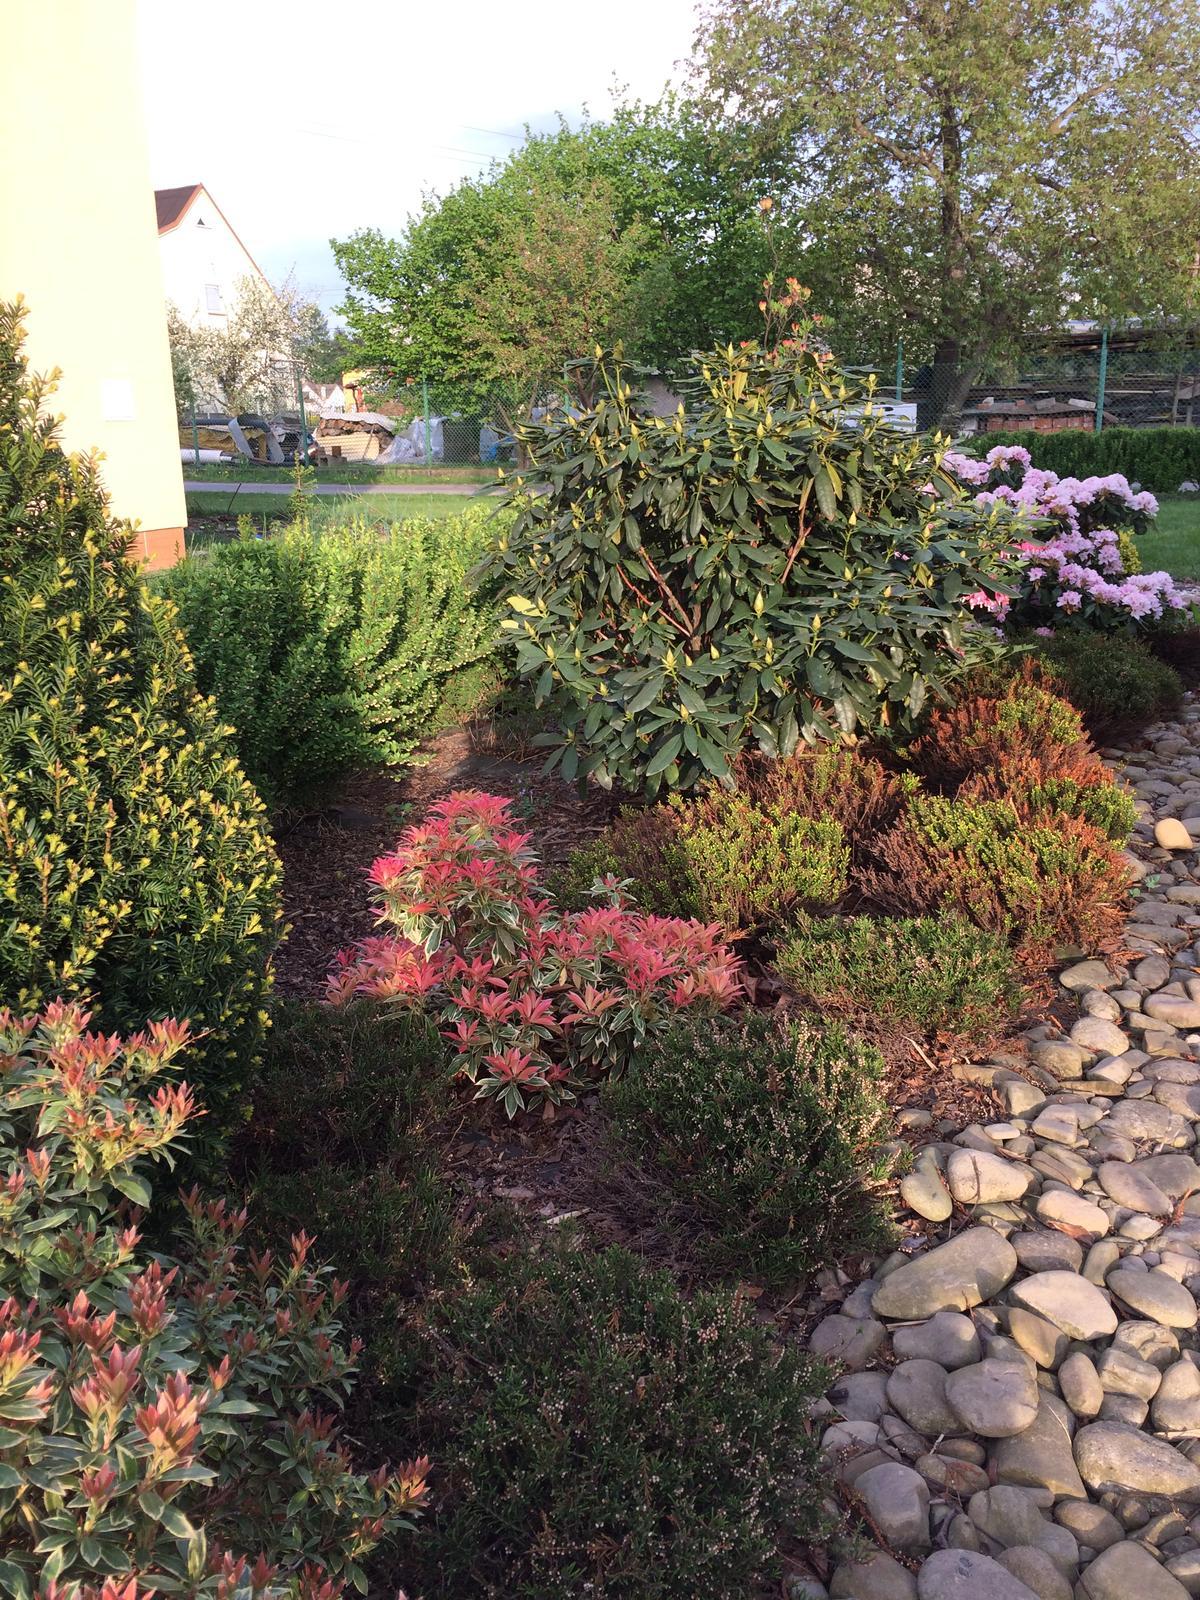 Zahrada 2018 - večerní slunko...vřesy to v zimě schytaly... tak uvidíme , jestli trochu obrostou , do konce léta mají ještě čas